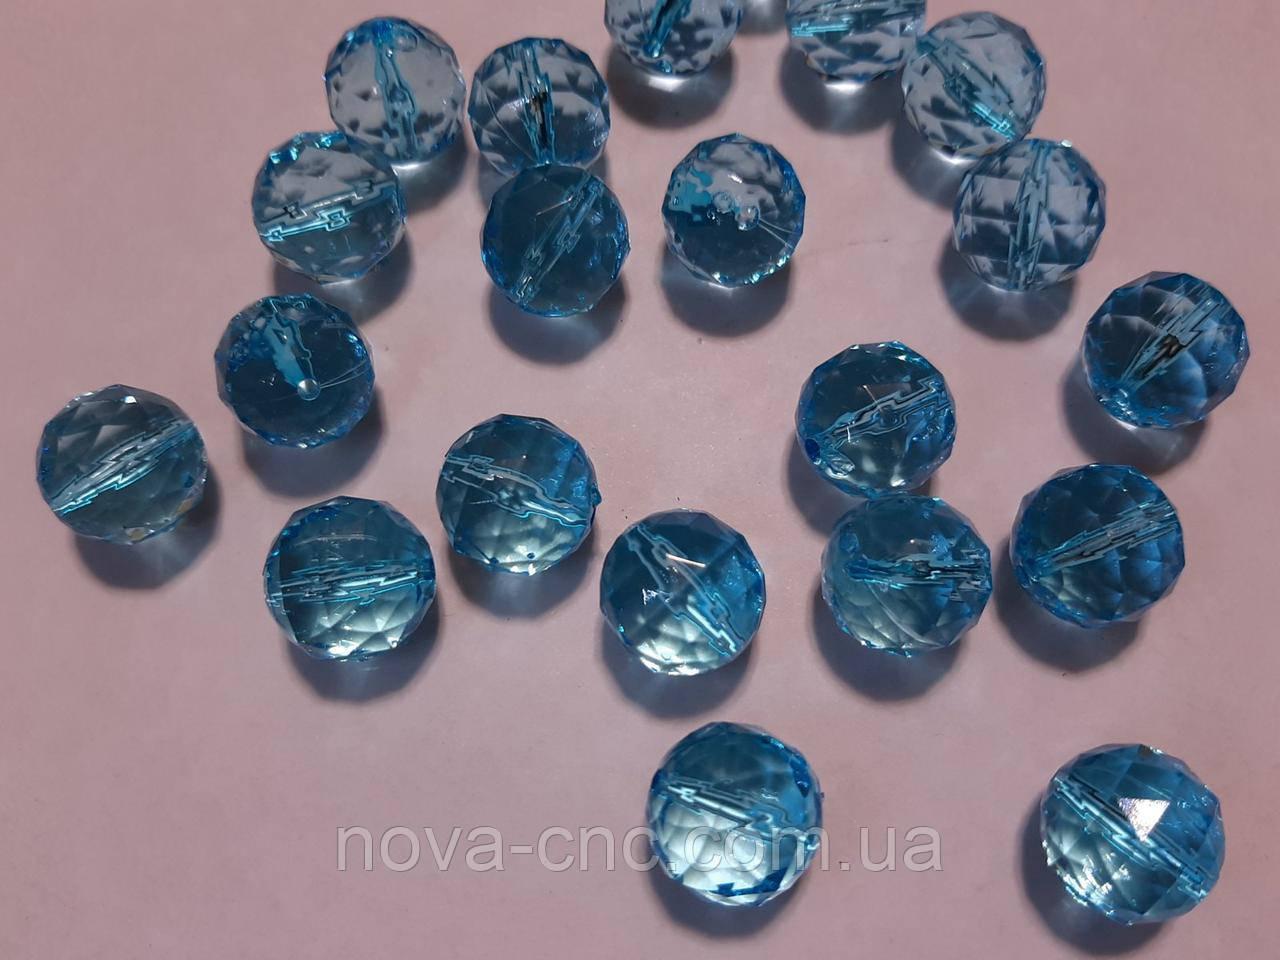 """Бусины акрил """"Шар треугольная грань"""" голубой 14 мм 500 грамм"""